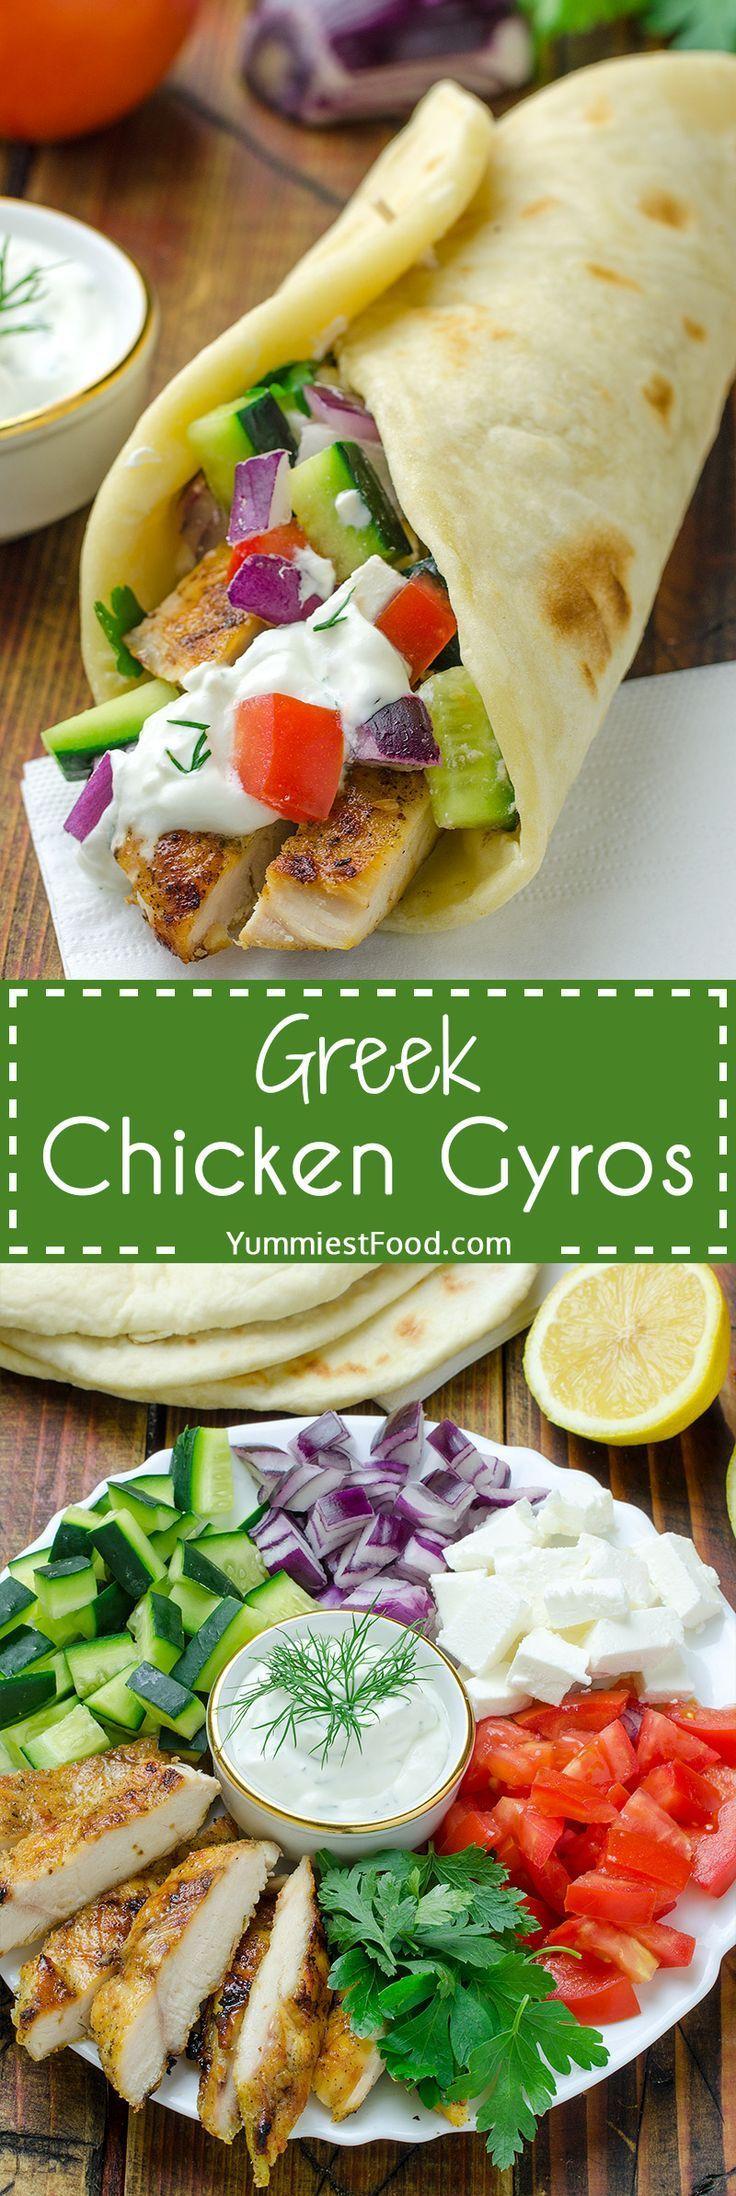 Griechische Hühnergyros mit Tzaziki-Sauce und Fladenbrot #stayathome